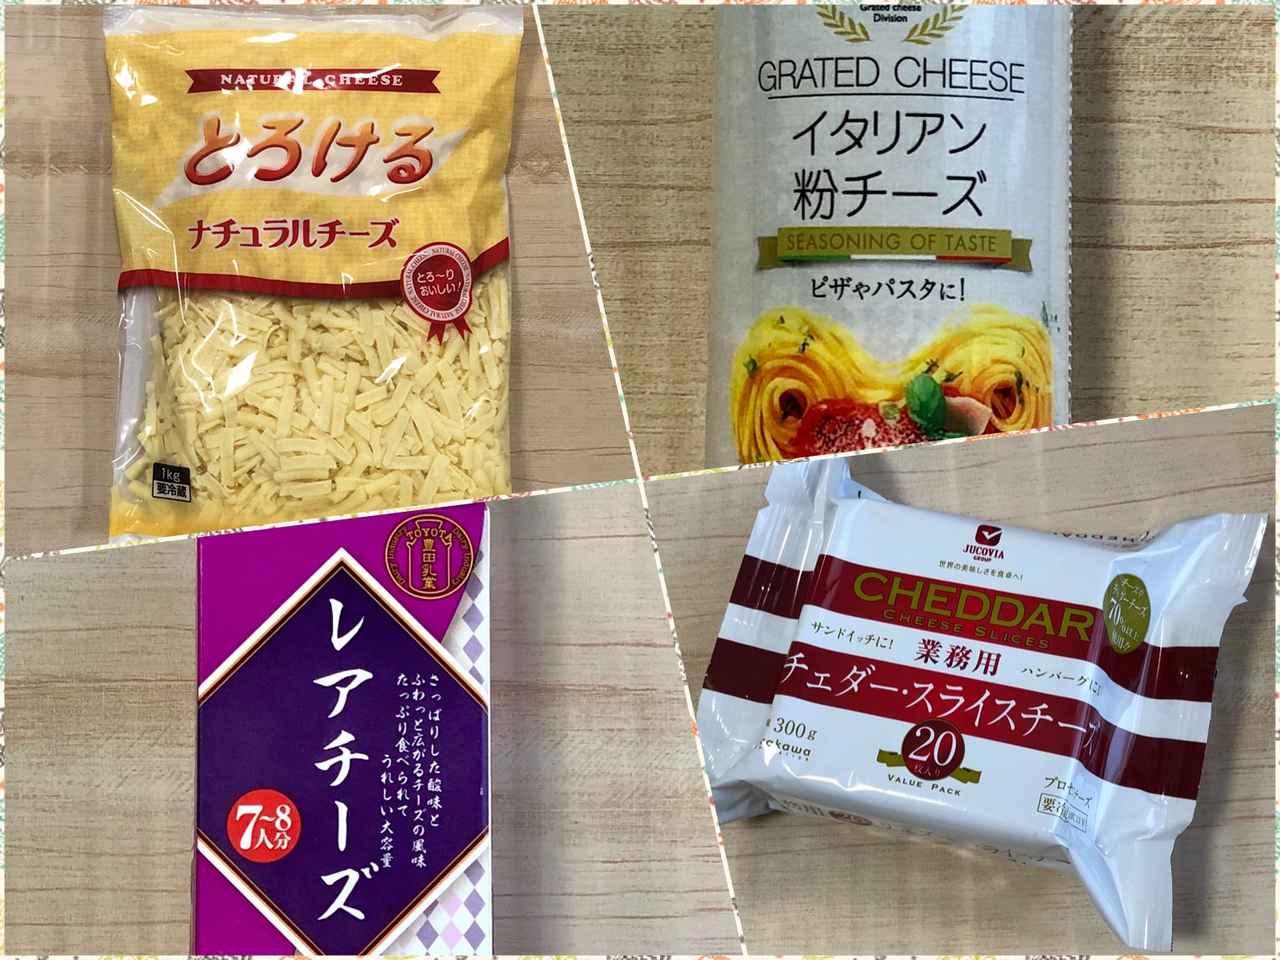 美味しい&コスパ抜群!業務スーパーのチーズ4選!商品レビューとおすすめの食べ方を紹介